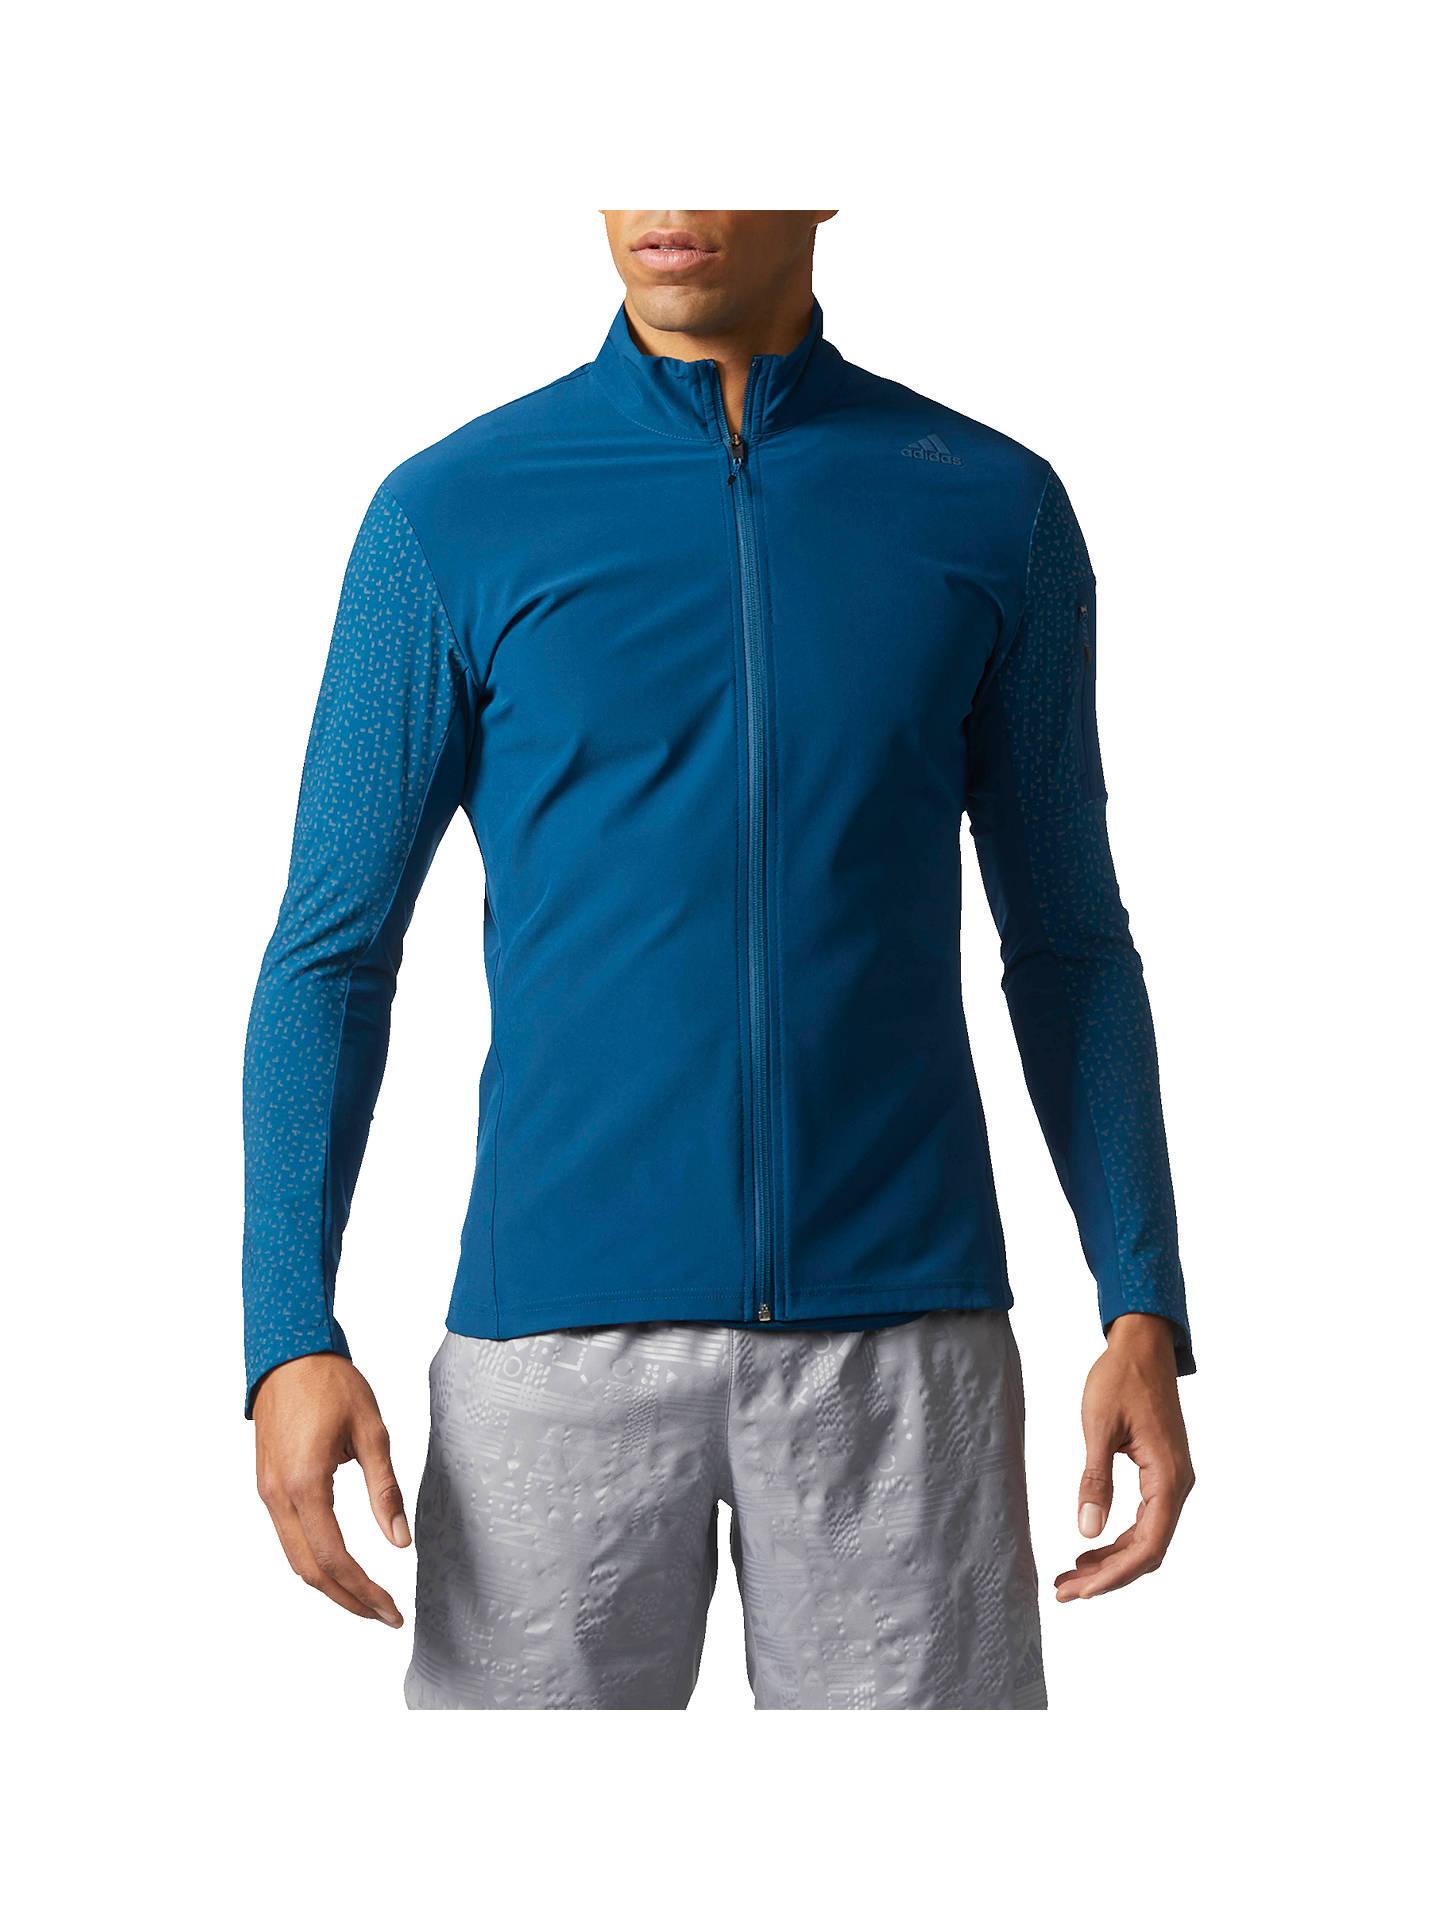 adidas Supernova Storm Men's Running Jacket, Blue at John